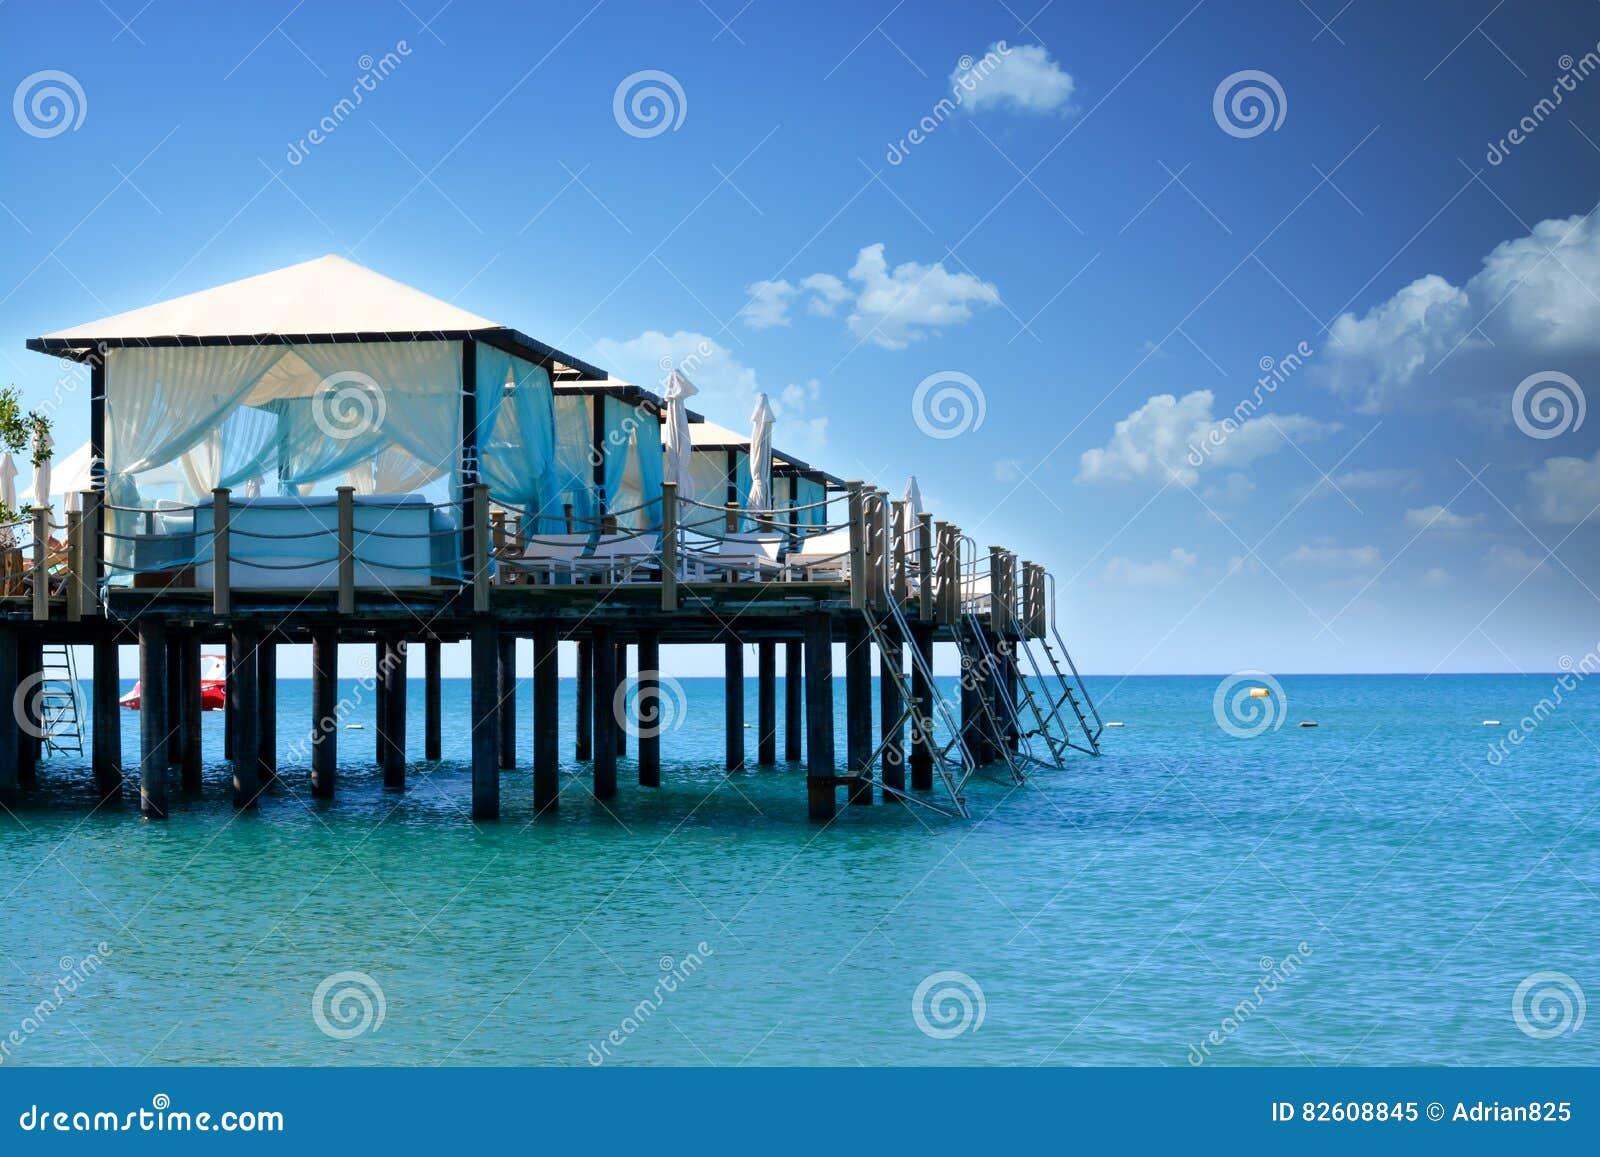 在豪华旅游胜地使与海、天空和机盖的风景靠岸